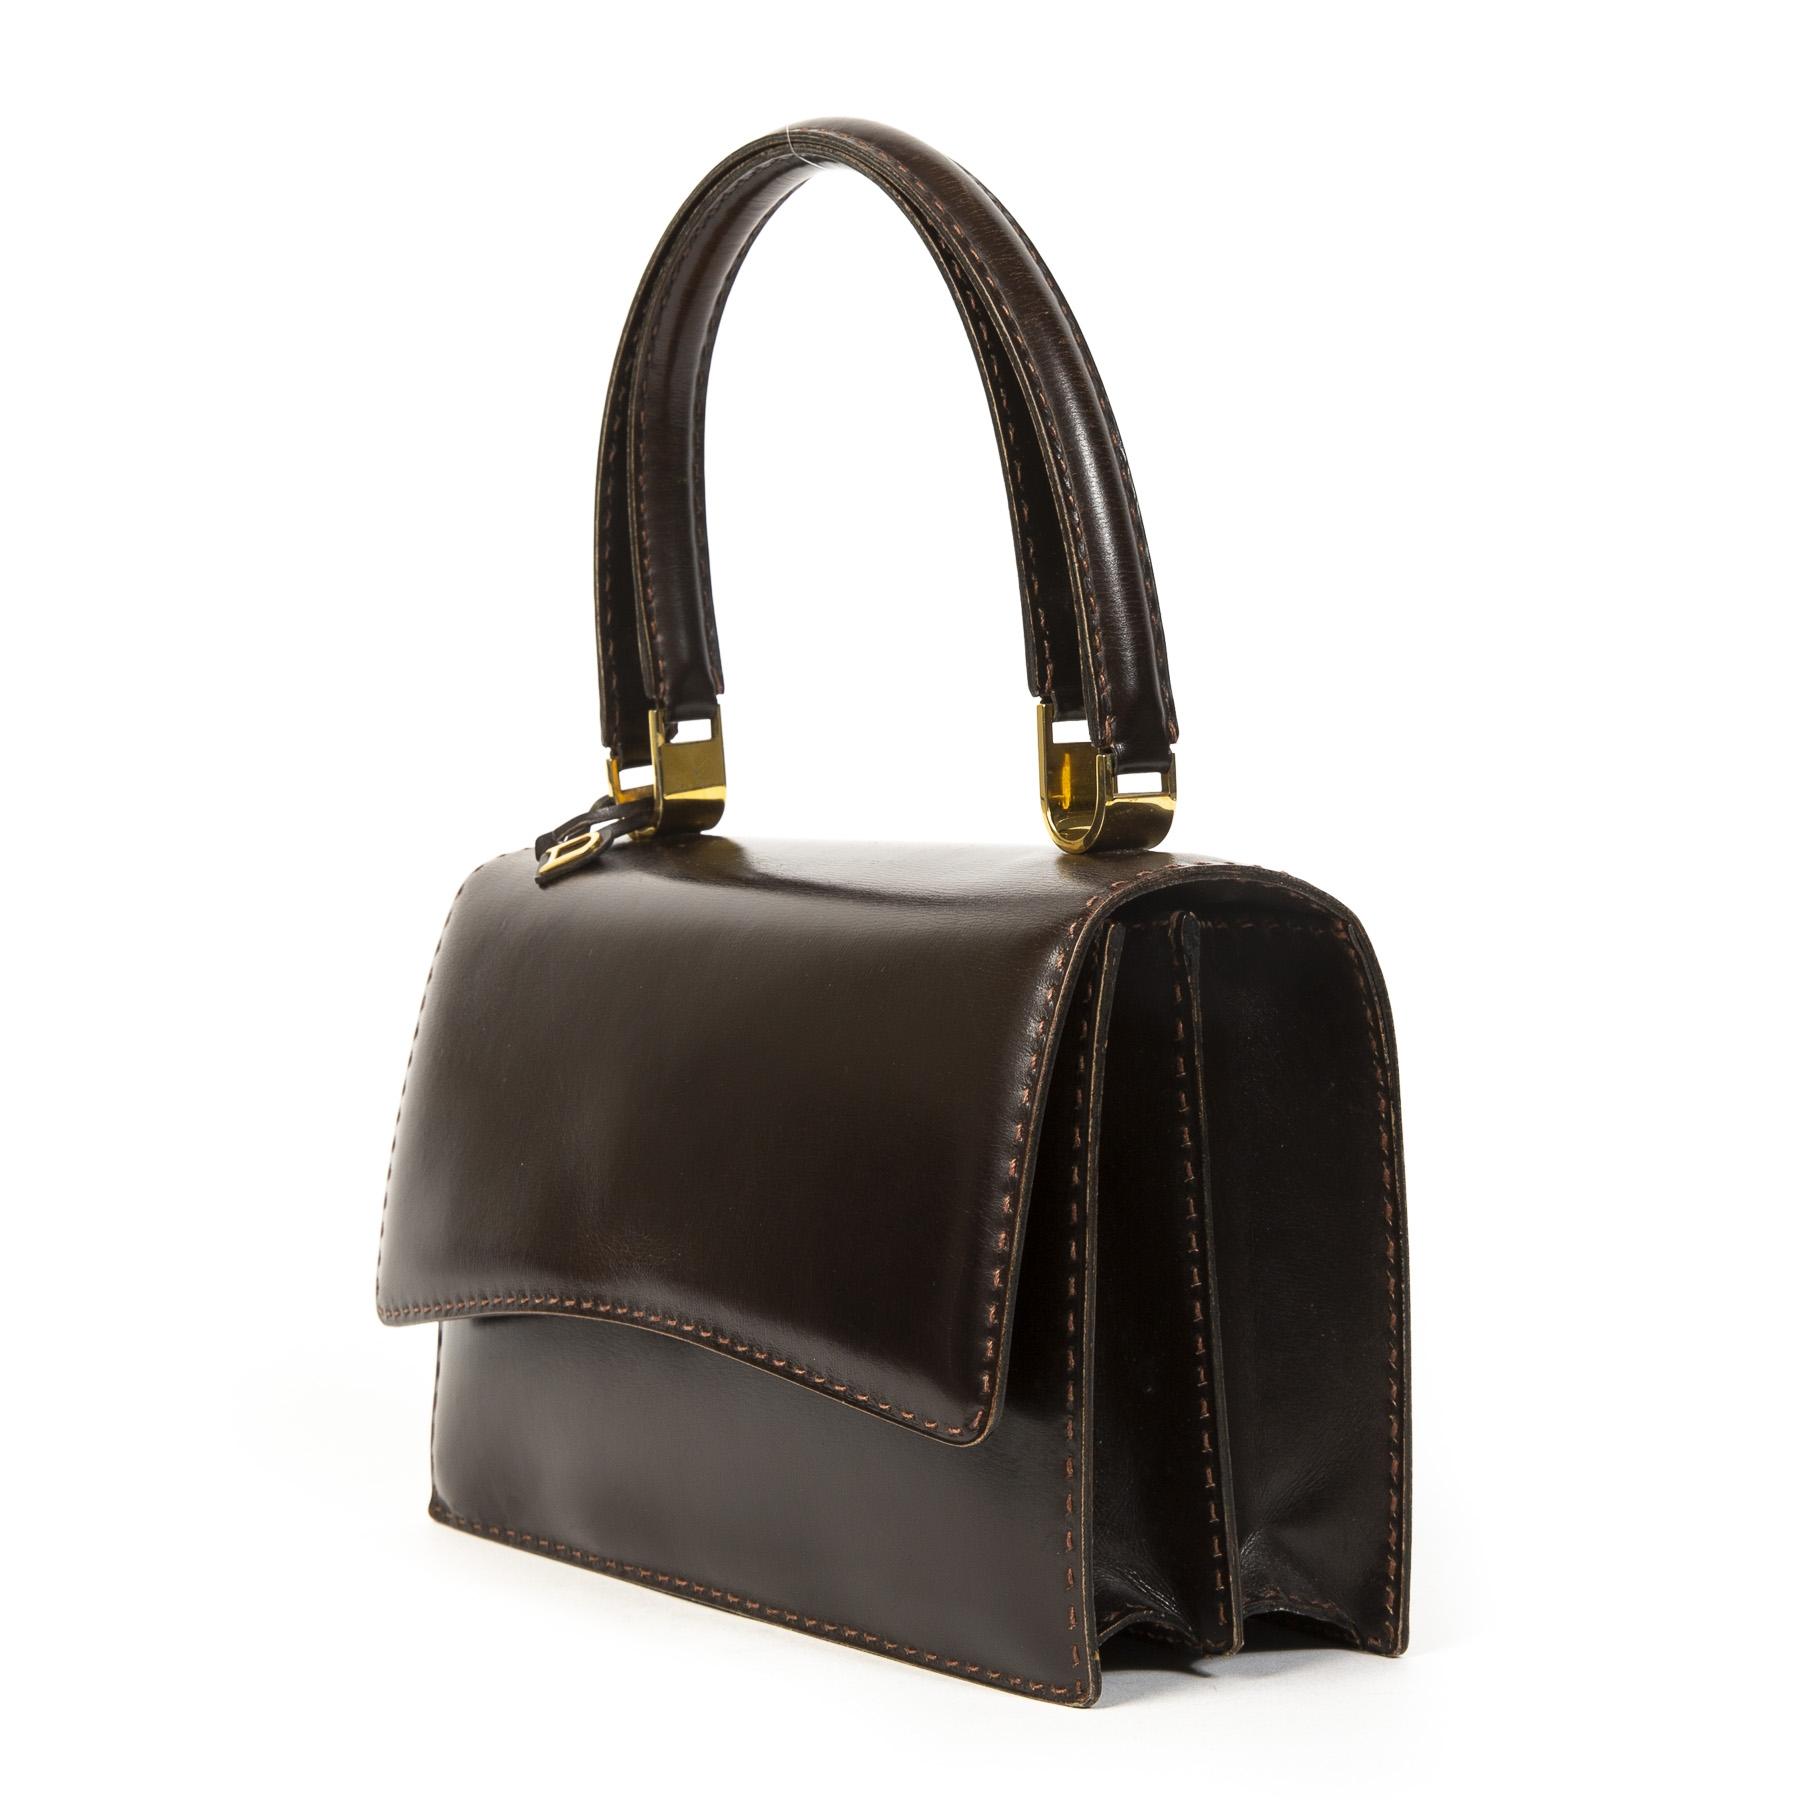 Authentieke tweedehands Delvaux Brown Model Depose juiste prijs veilig online winkelen LabelLOV webshop luxe merken winkelen Antwerpen België mode fashion